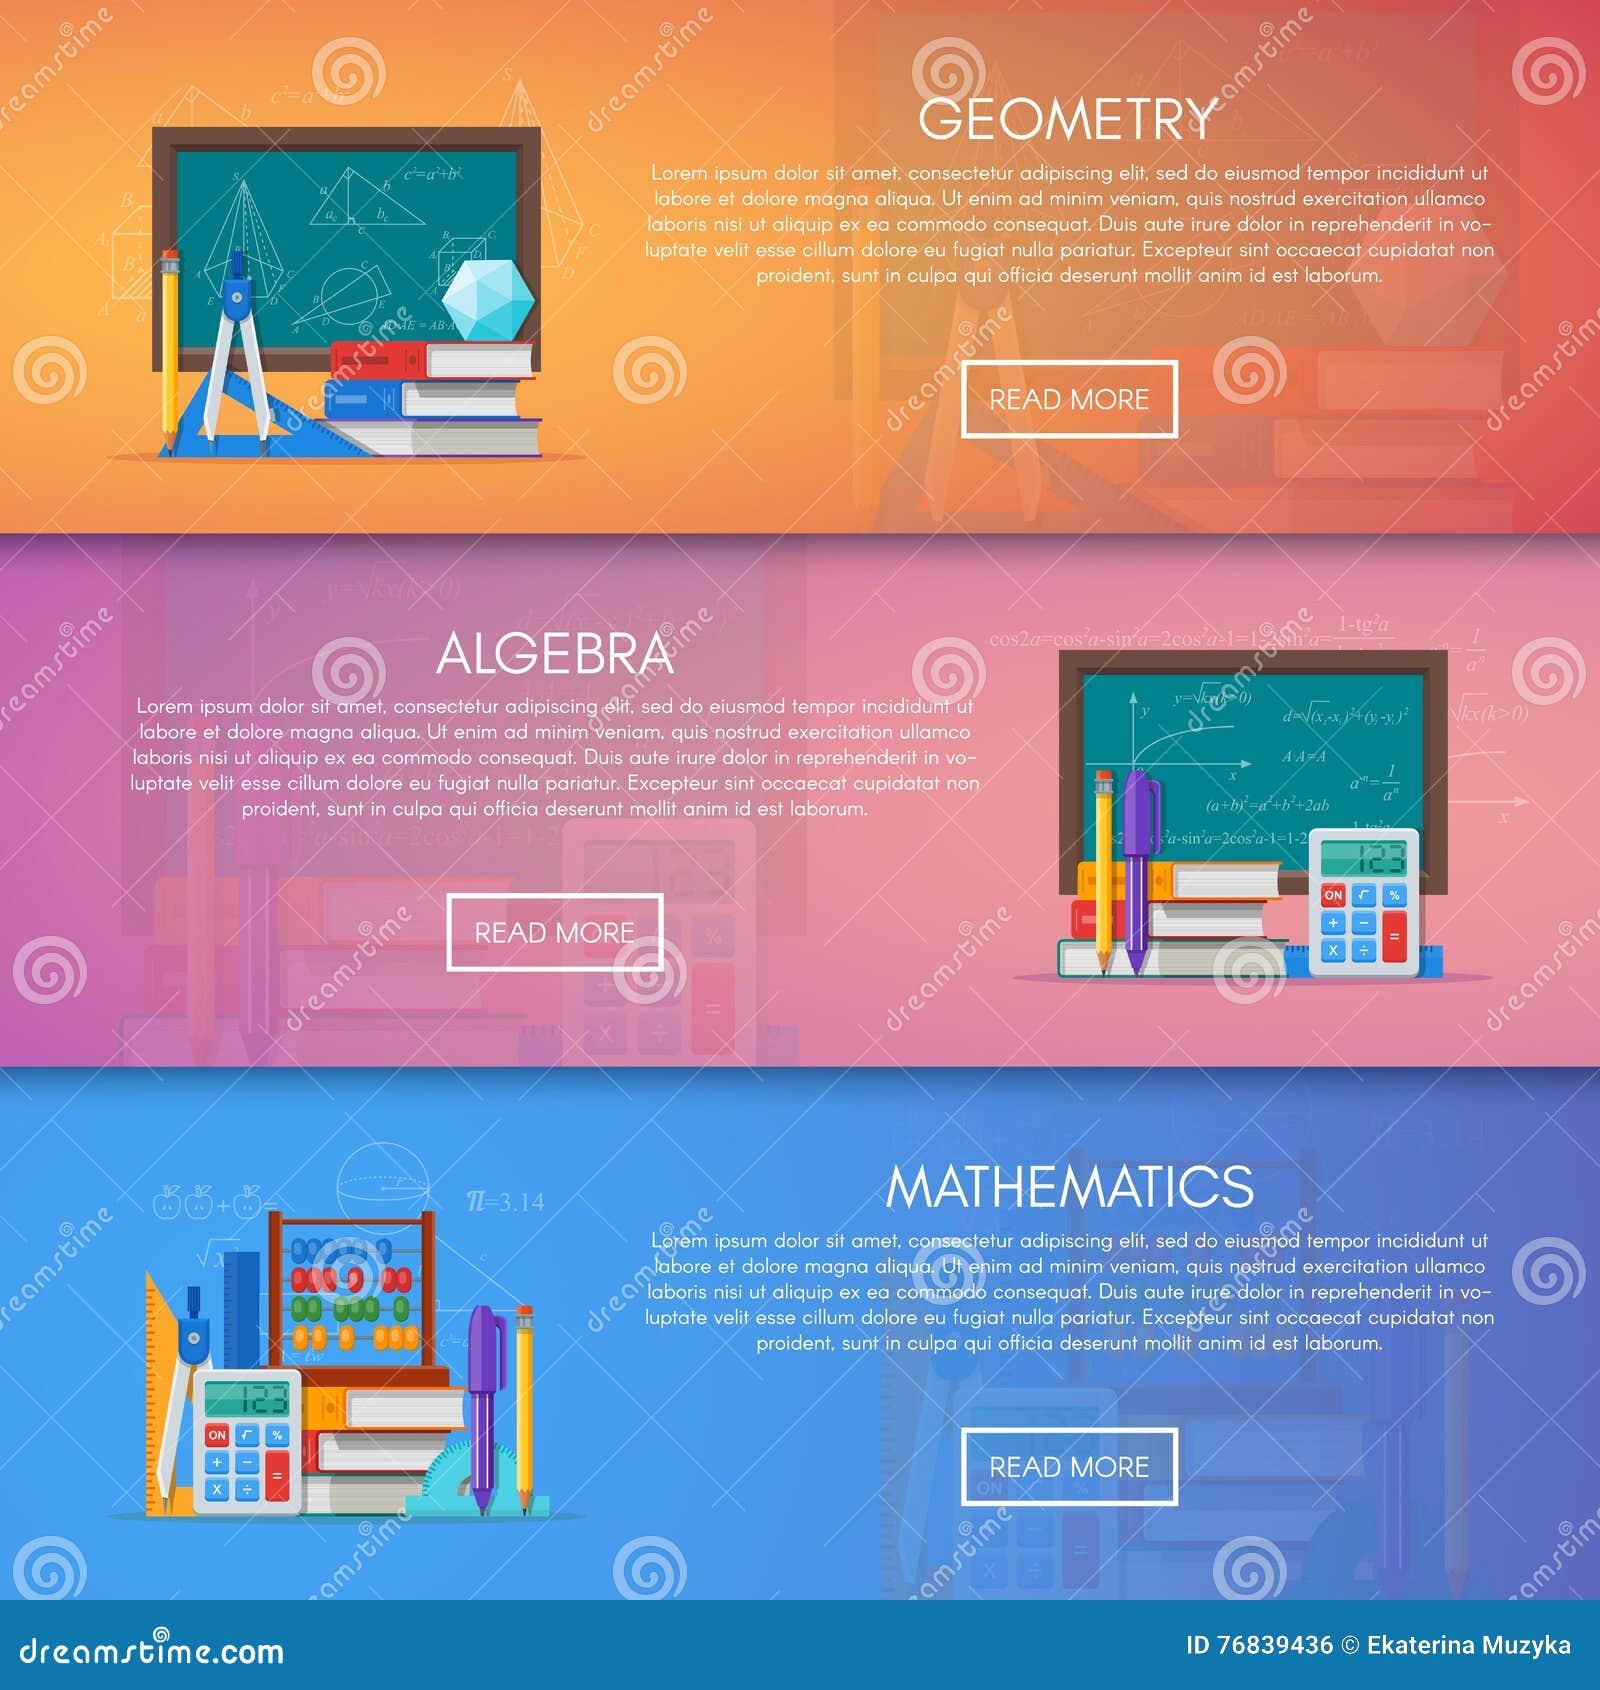 Meetkunde, algebra en wiskunde vectorbanners Het conceptenaffiche van het wetenschapsonderwijs in vlak stijlontwerp